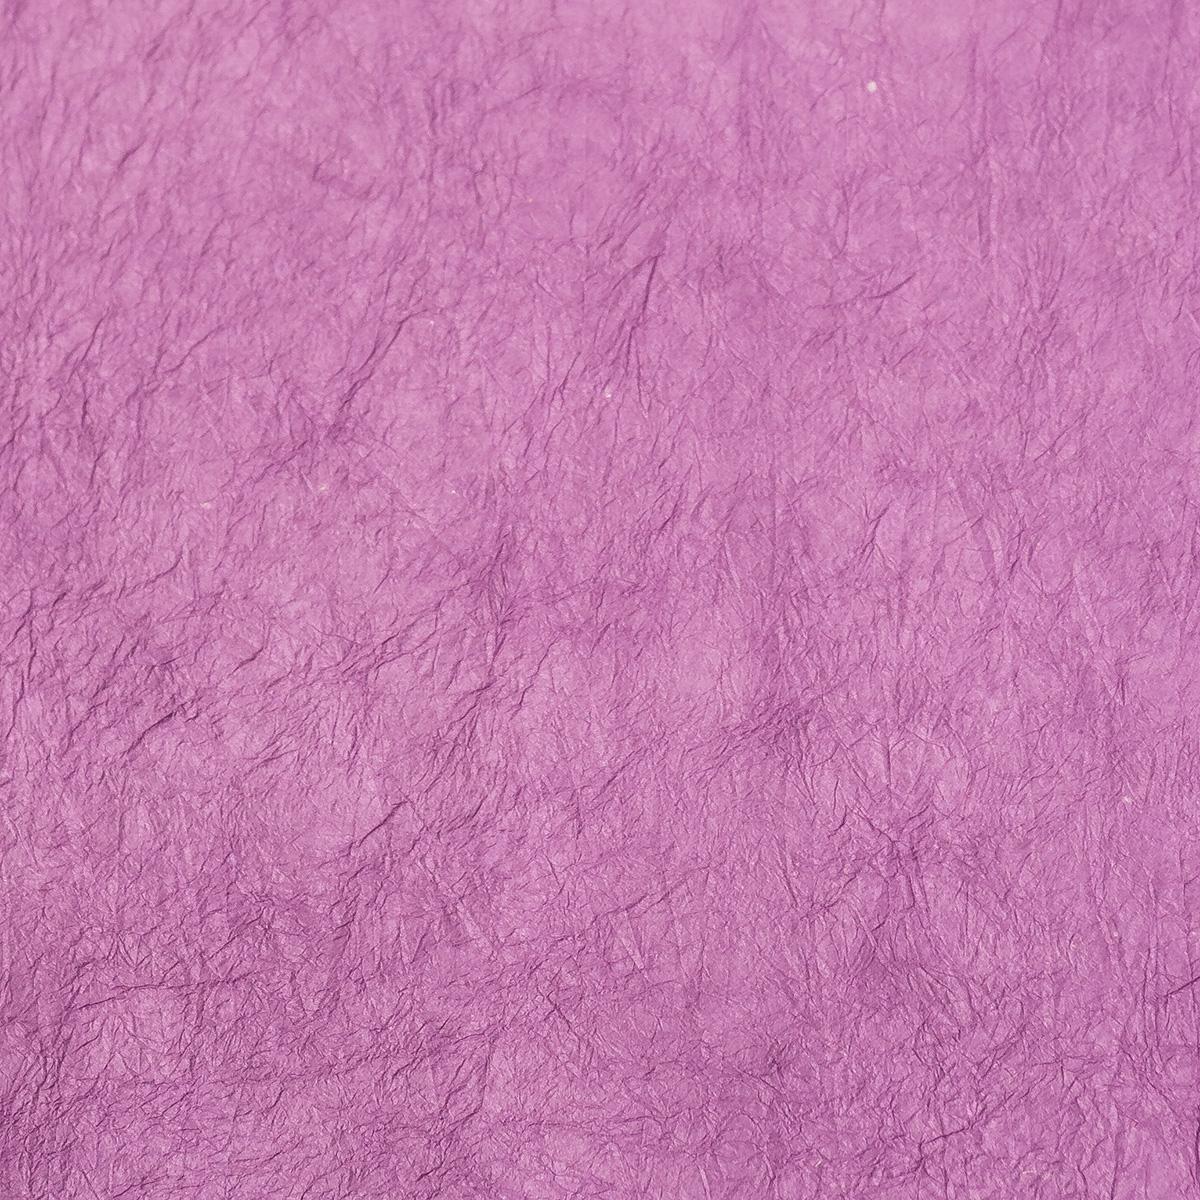 王朝のそめいろ 薄口 5番 浅紫